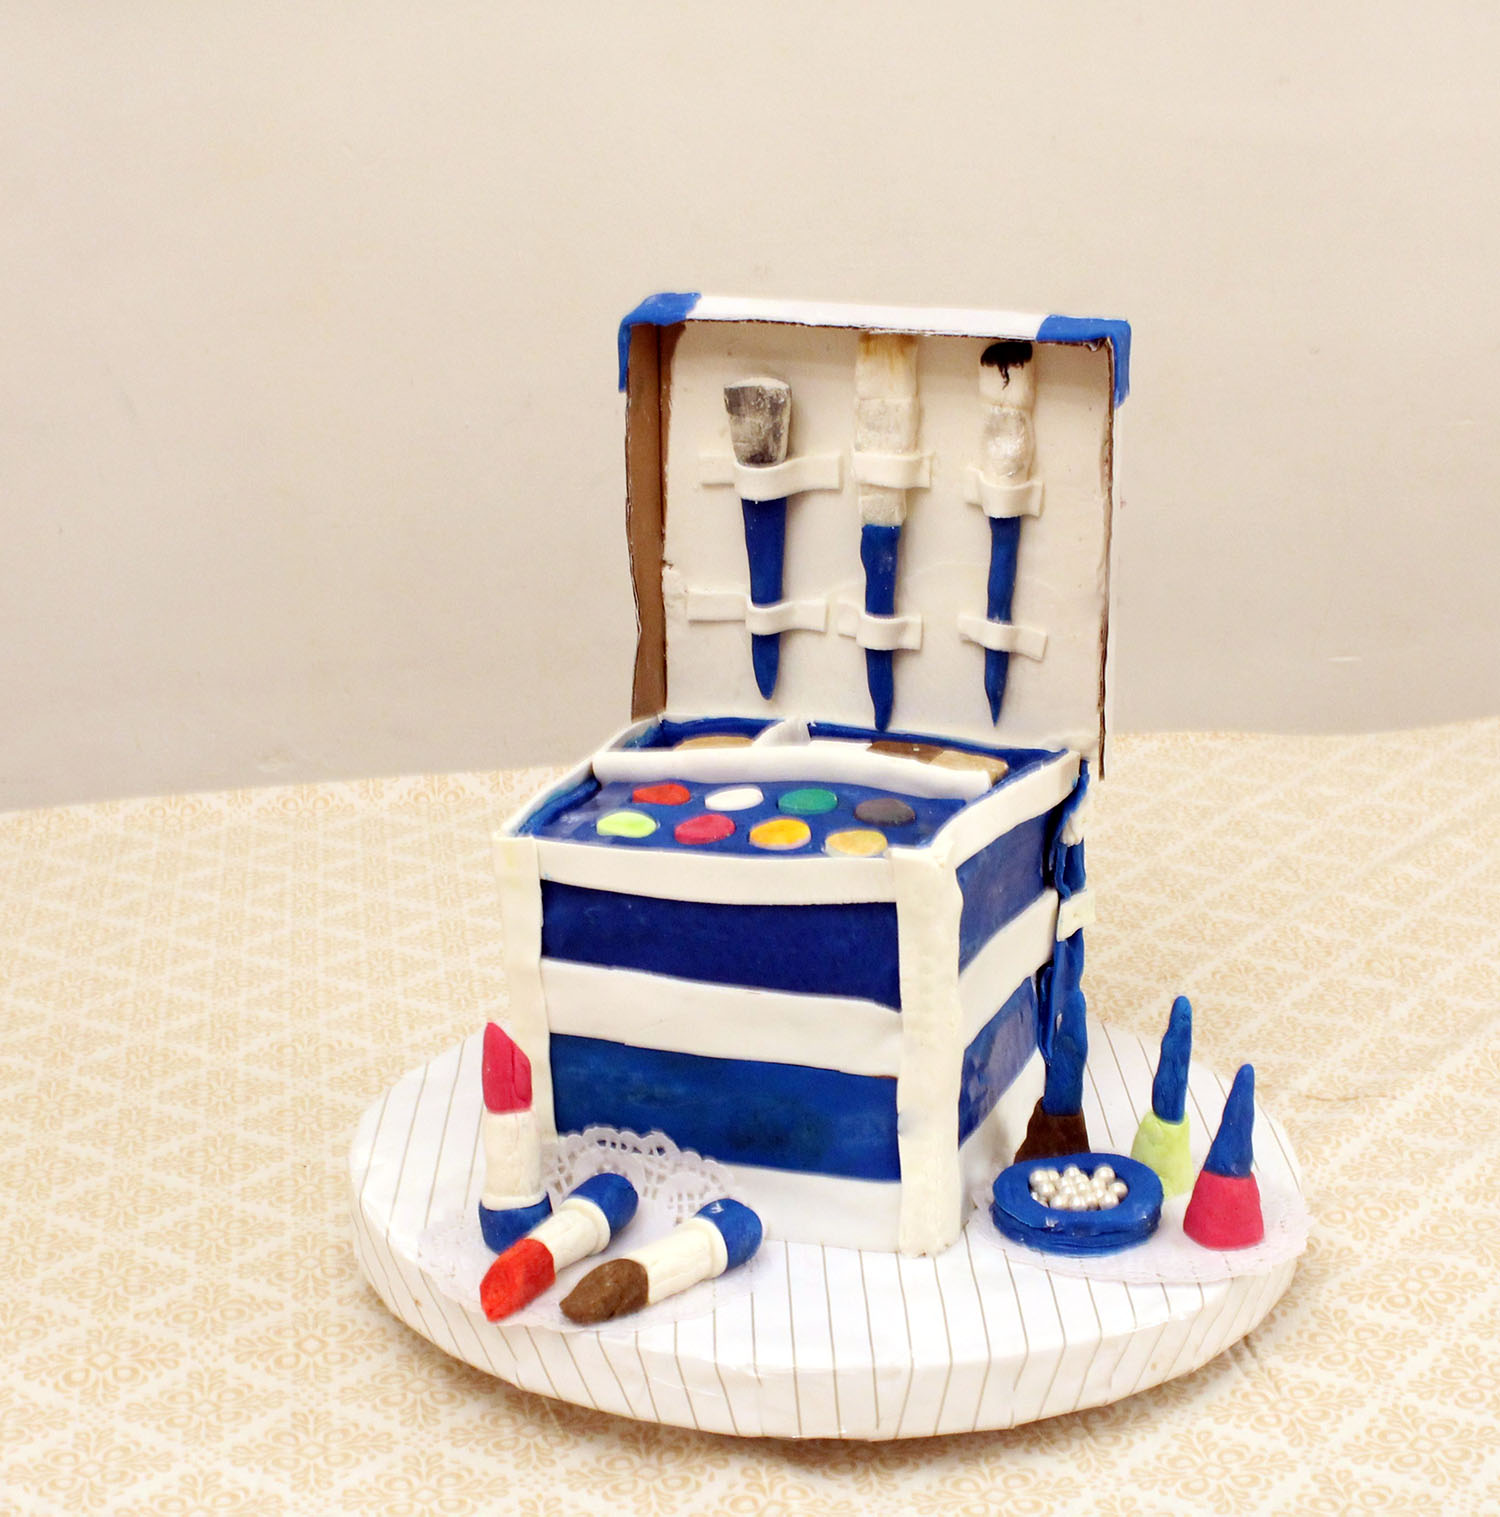 IMG 6457 - עוגה : סט איפור